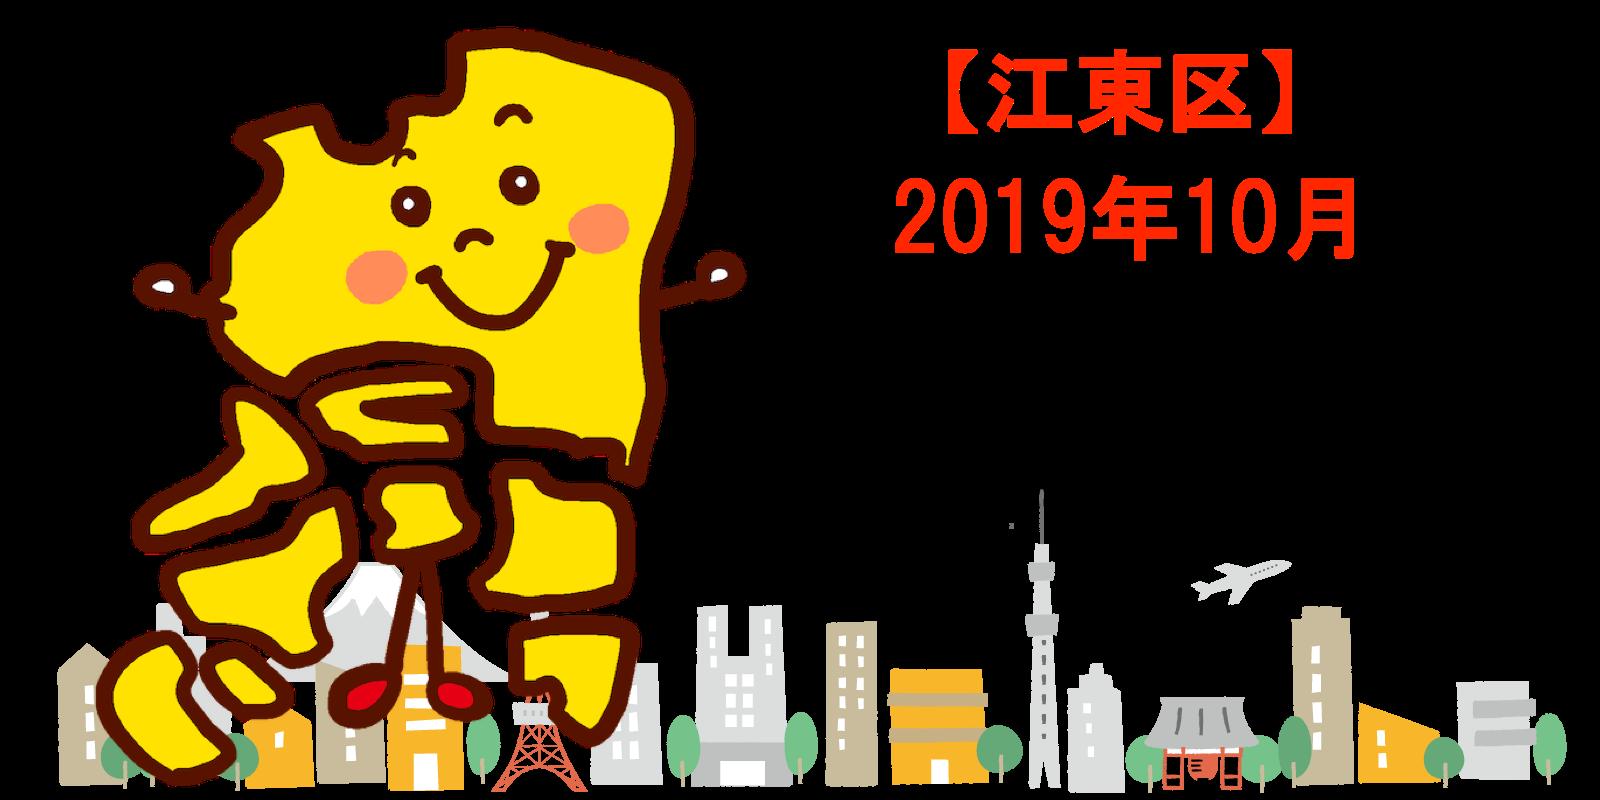 2019年10月 江東区 中古マンション価格相場ランキング 2